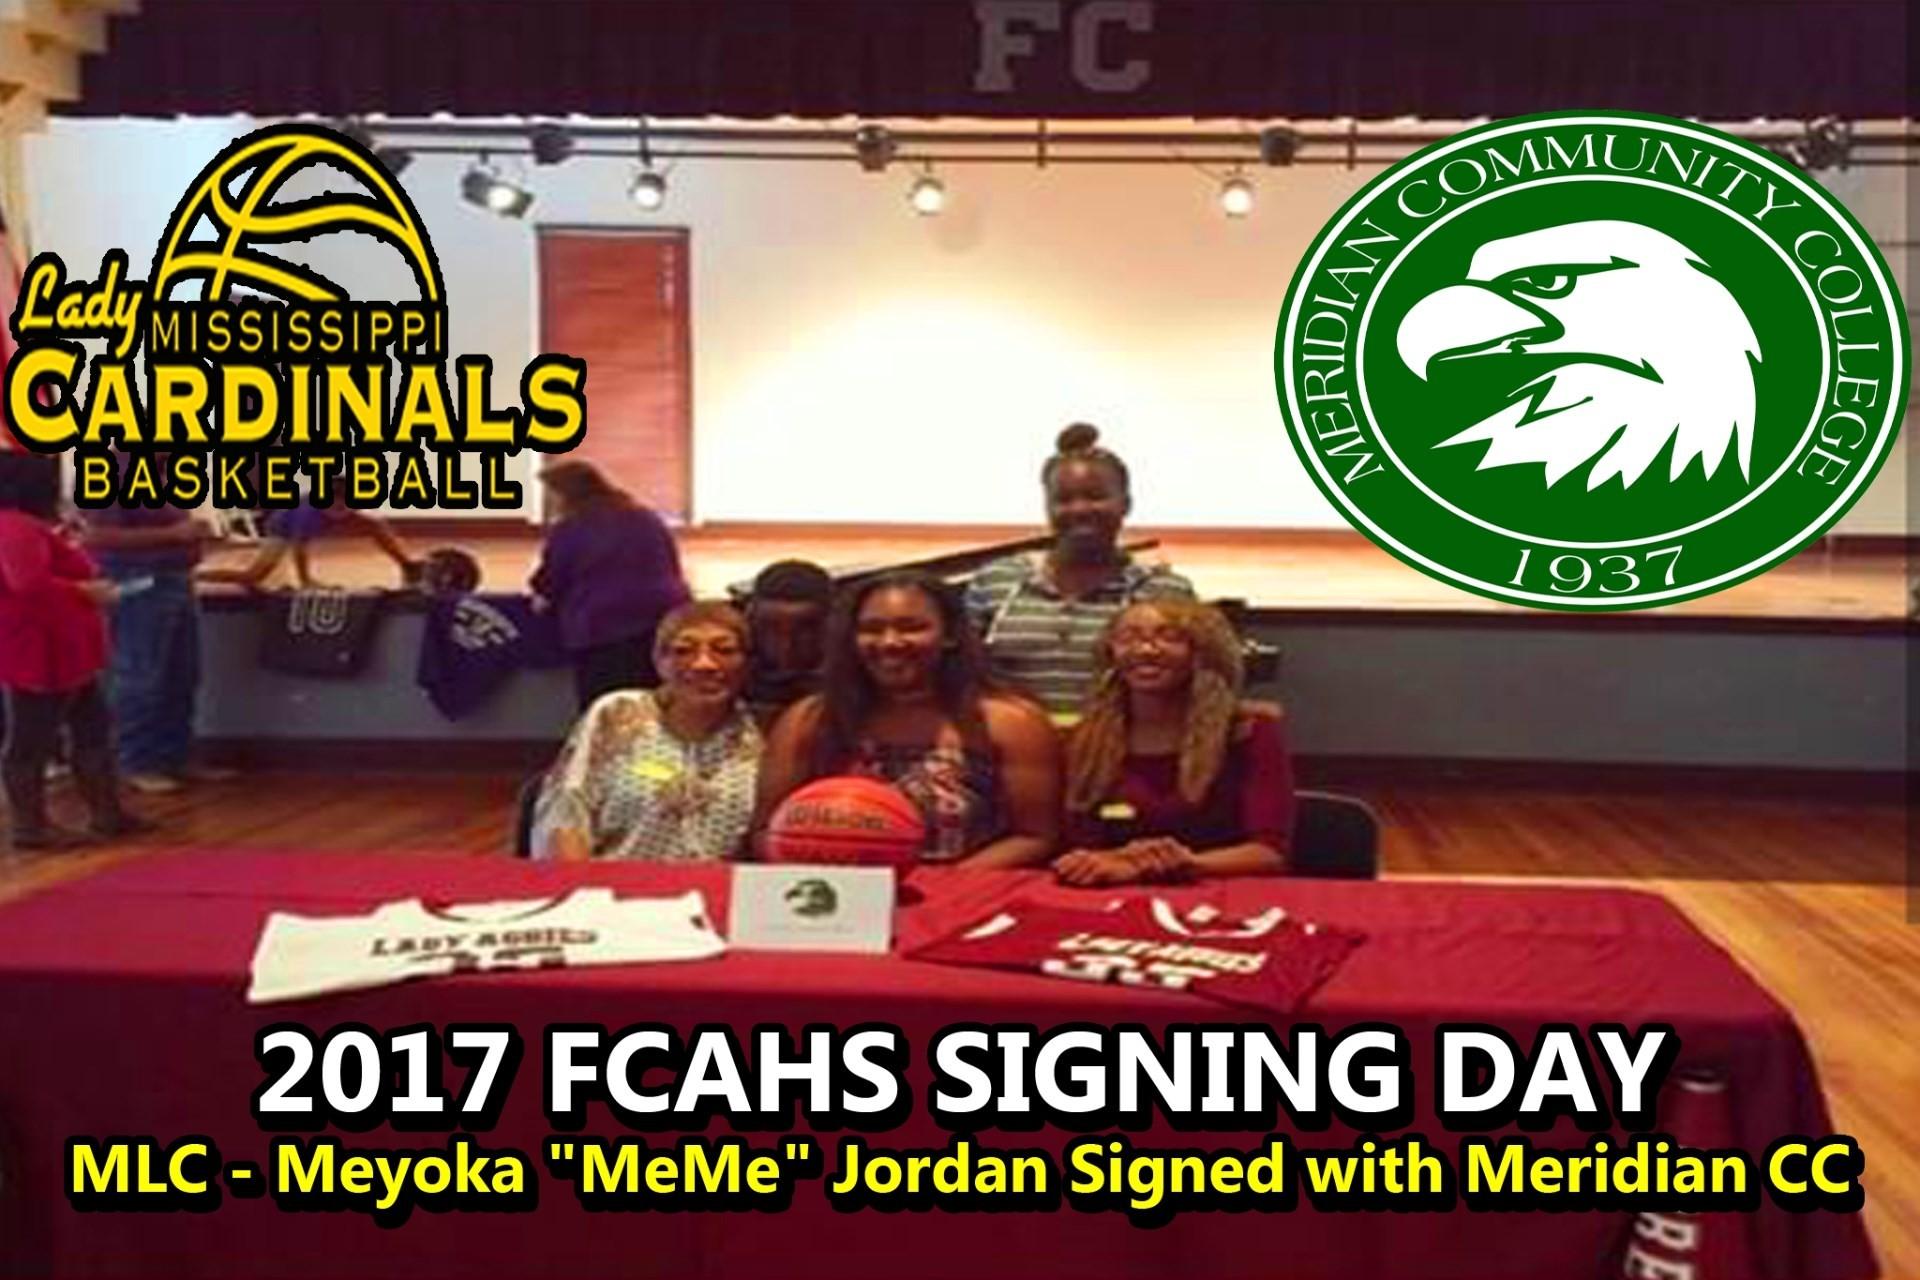 2017 MLC MEME JORDAN SIGNING DAY